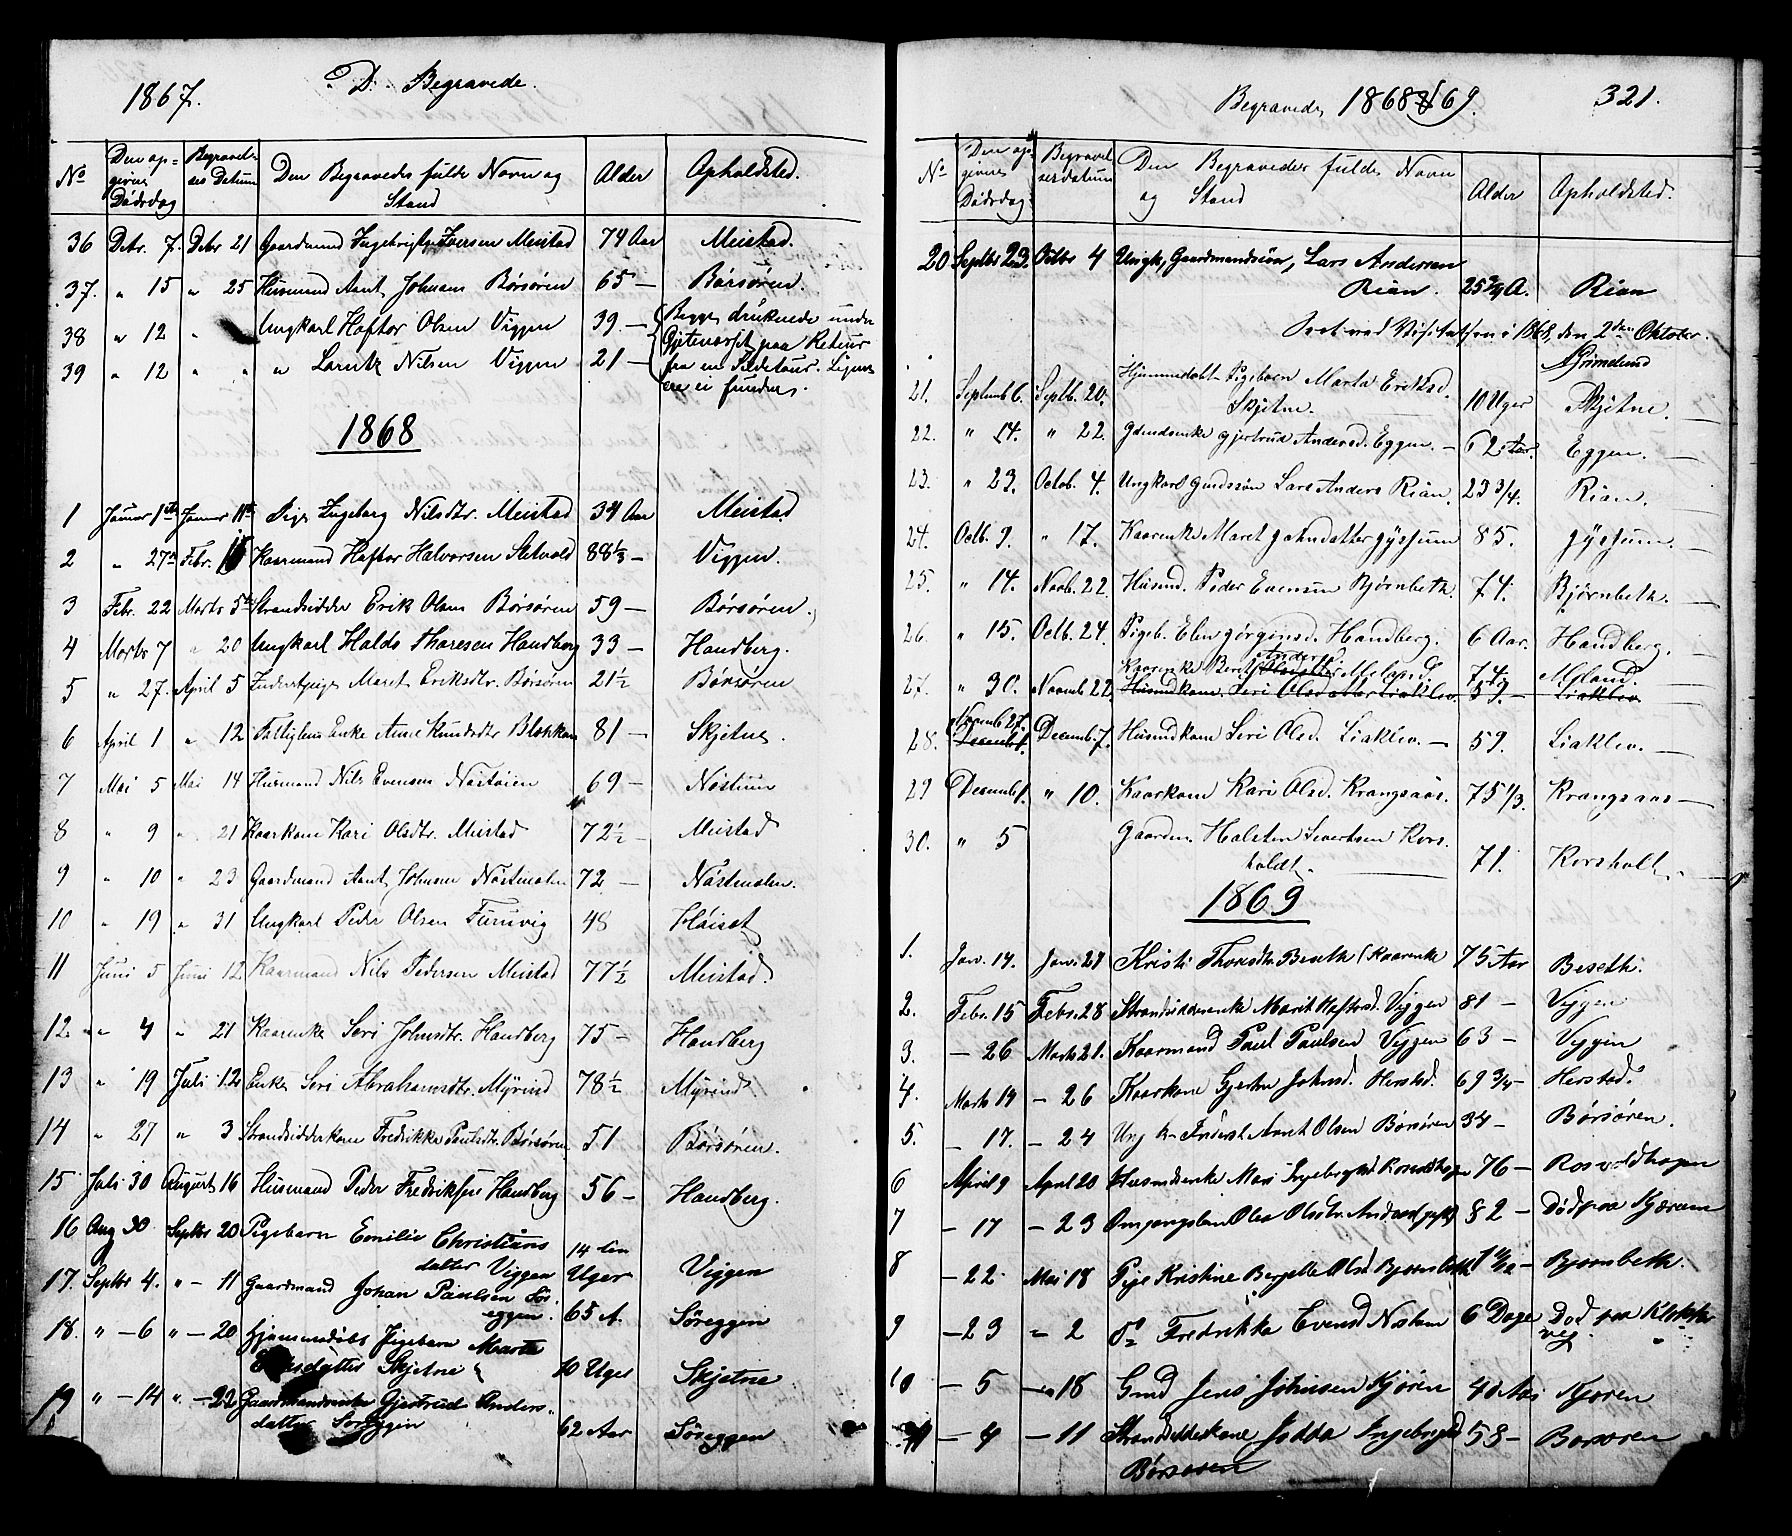 SAT, Ministerialprotokoller, klokkerbøker og fødselsregistre - Sør-Trøndelag, 665/L0777: Klokkerbok nr. 665C02, 1867-1915, s. 321